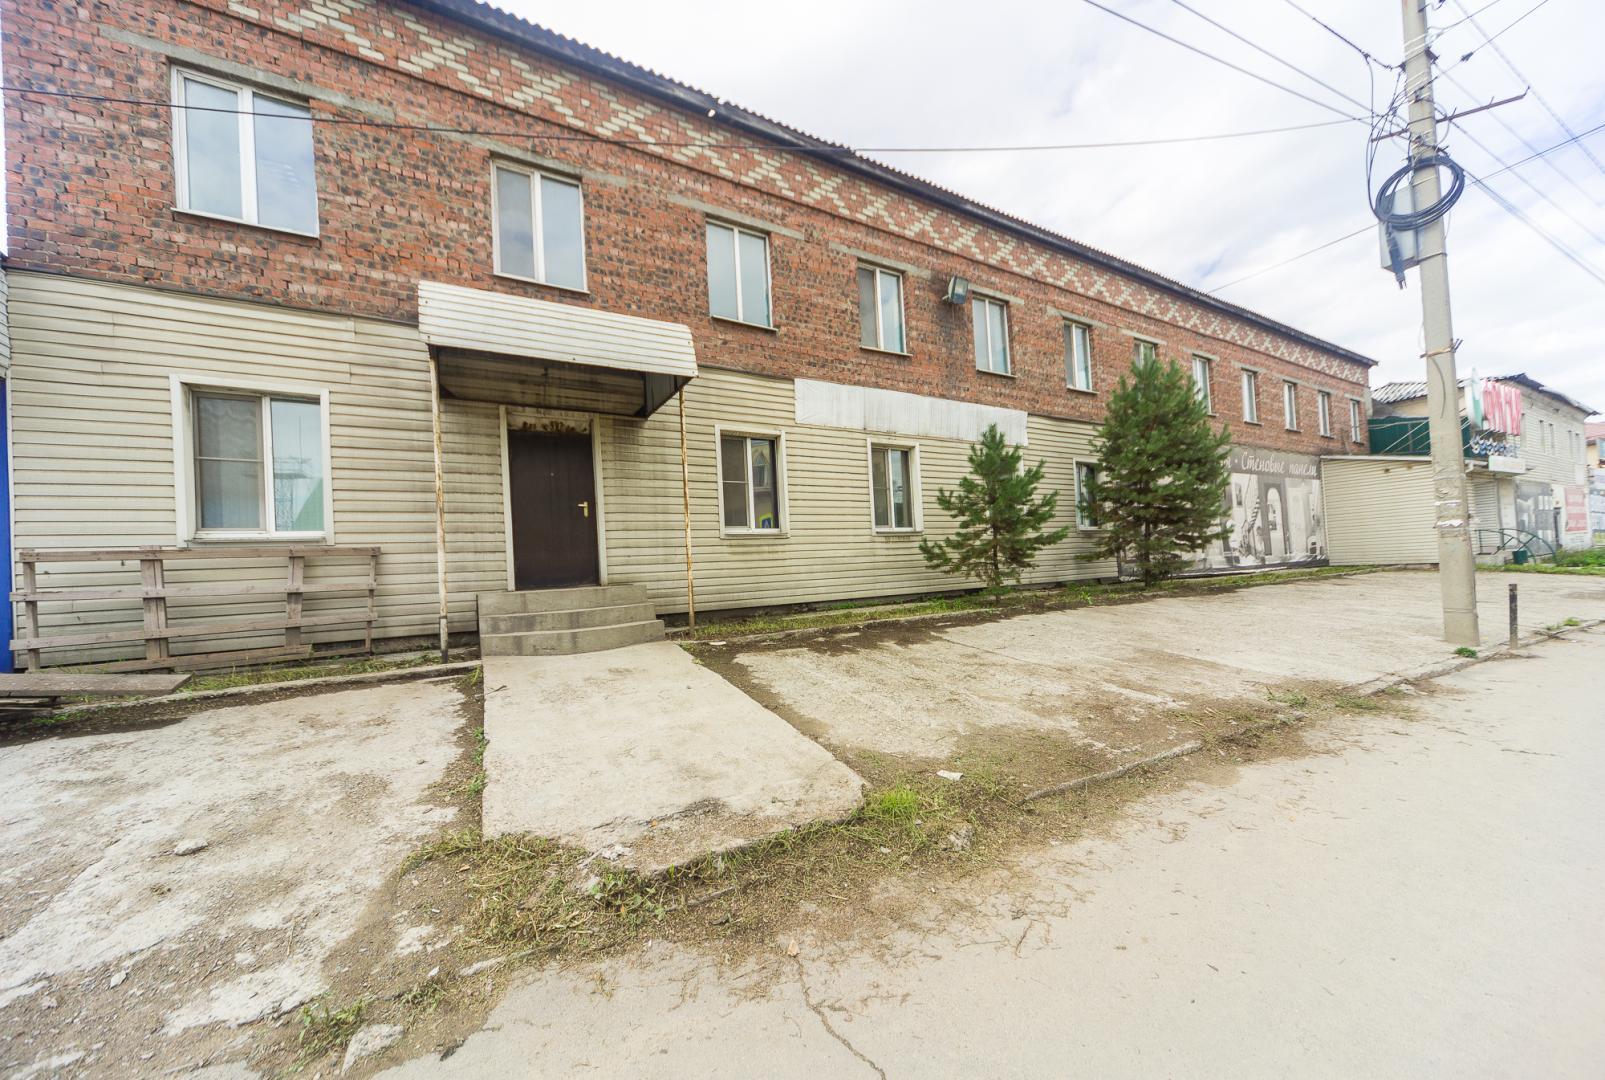 Manufacturing на продажу по адресу Россия, Иркутская область, городской округ Иркутск, Иркутск, Полярная улица, 95А